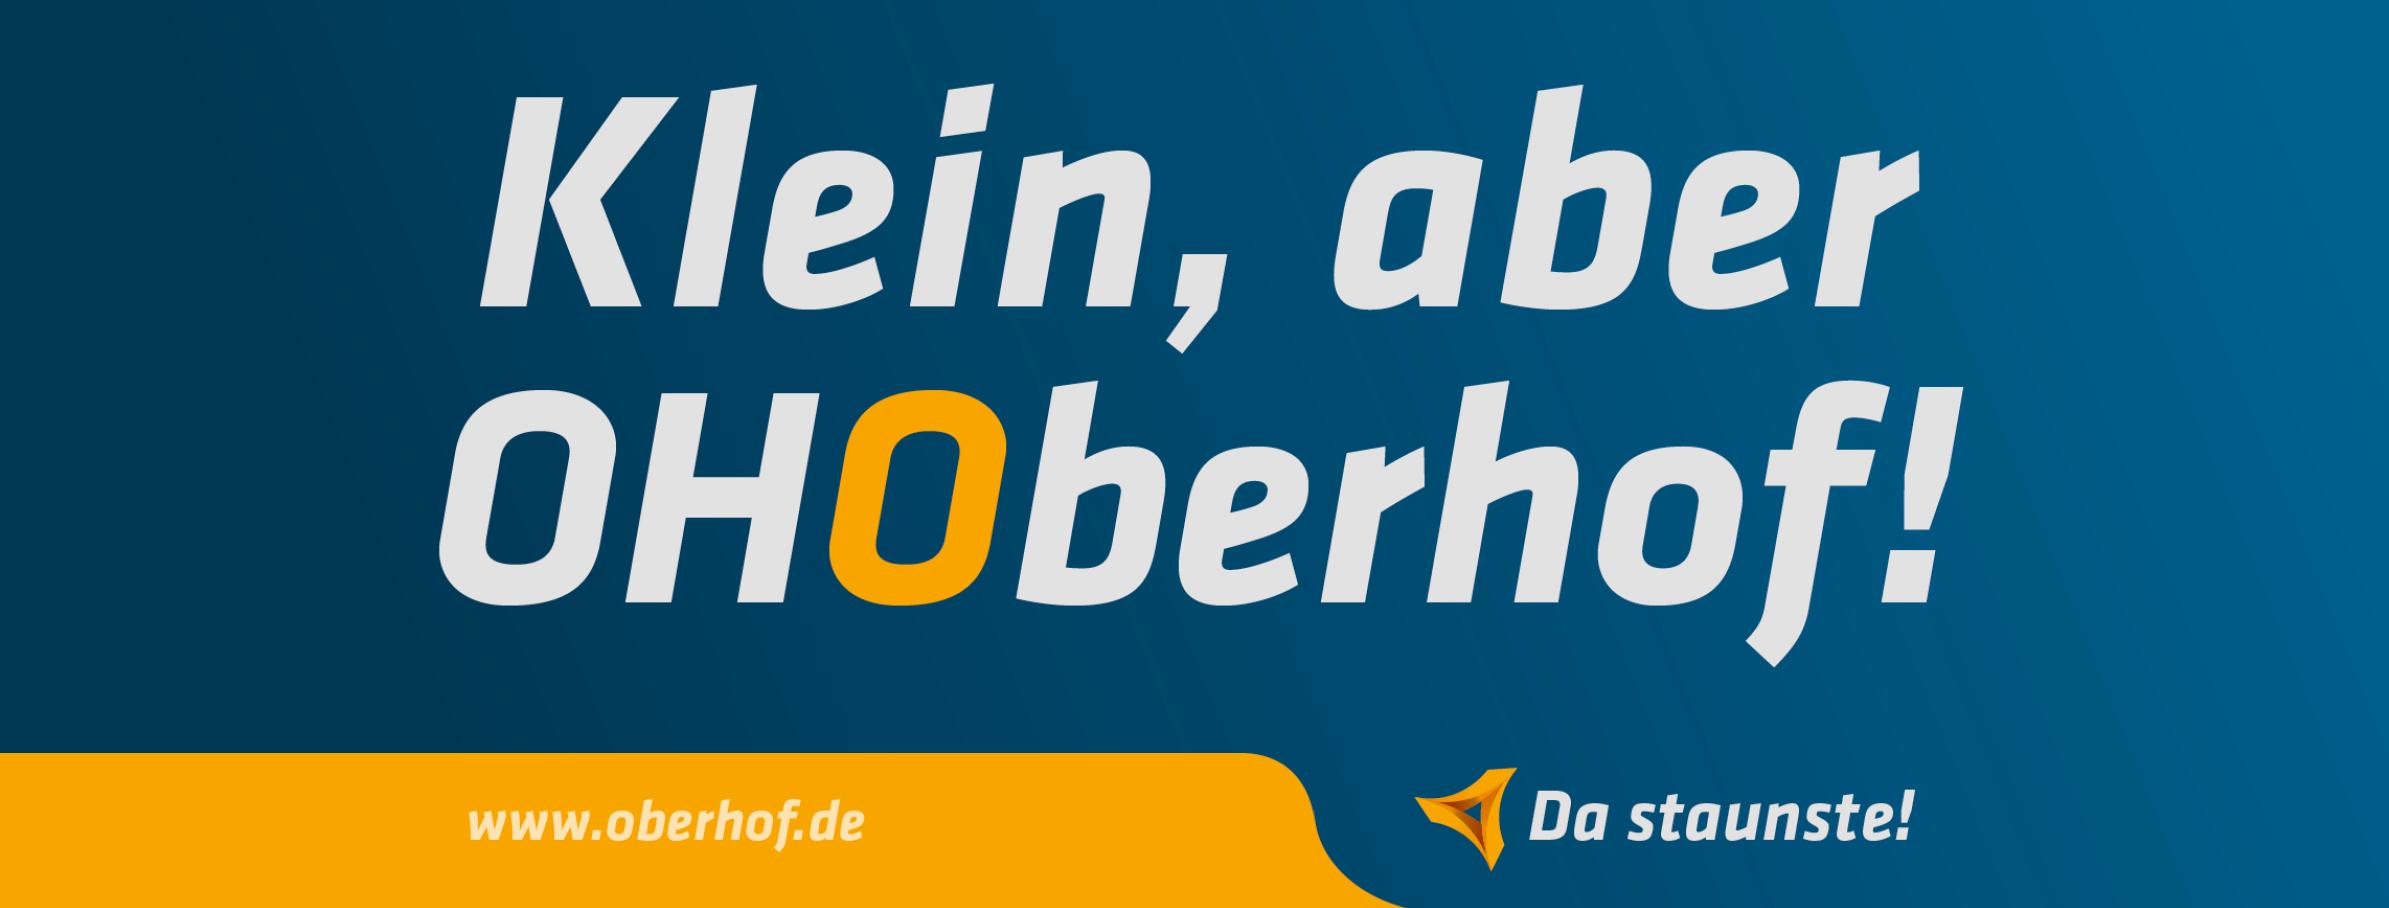 Samt&Seidel_Referenzen_Oberhof_20